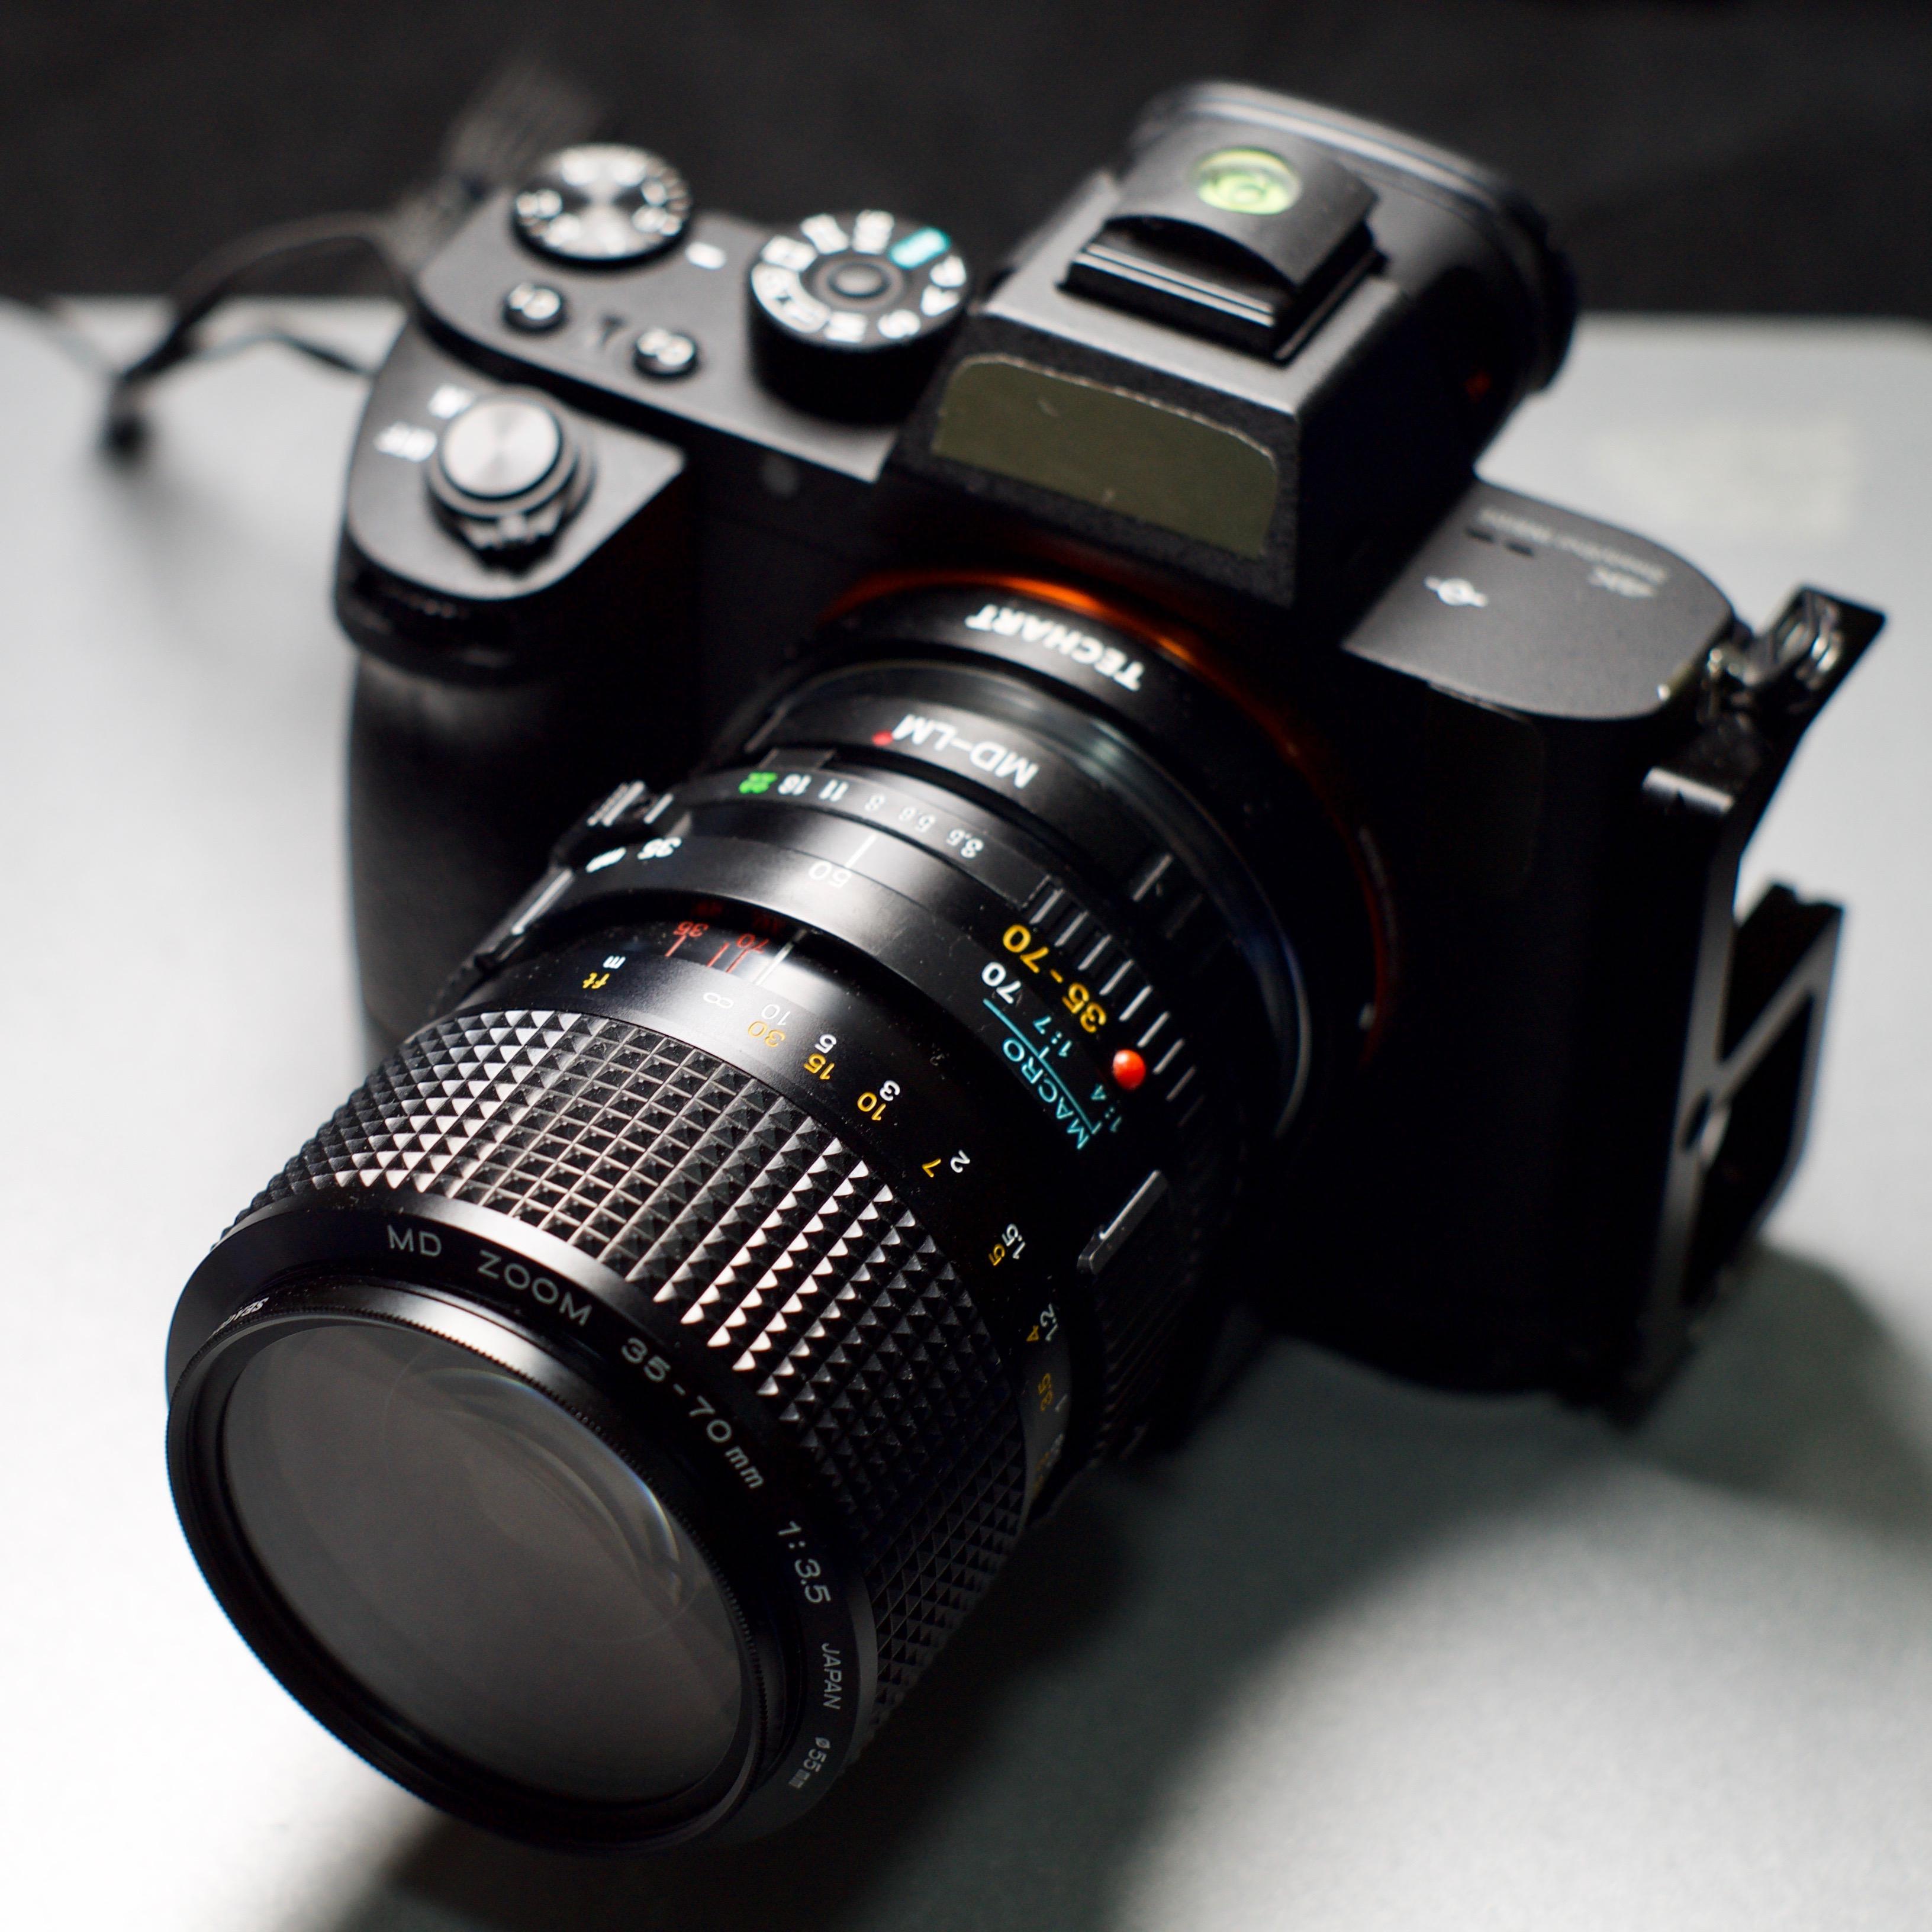 【样片】百元挂机头:美能达 MD 35-70 F3.5 Marco 版本恒定光圈变焦镜头